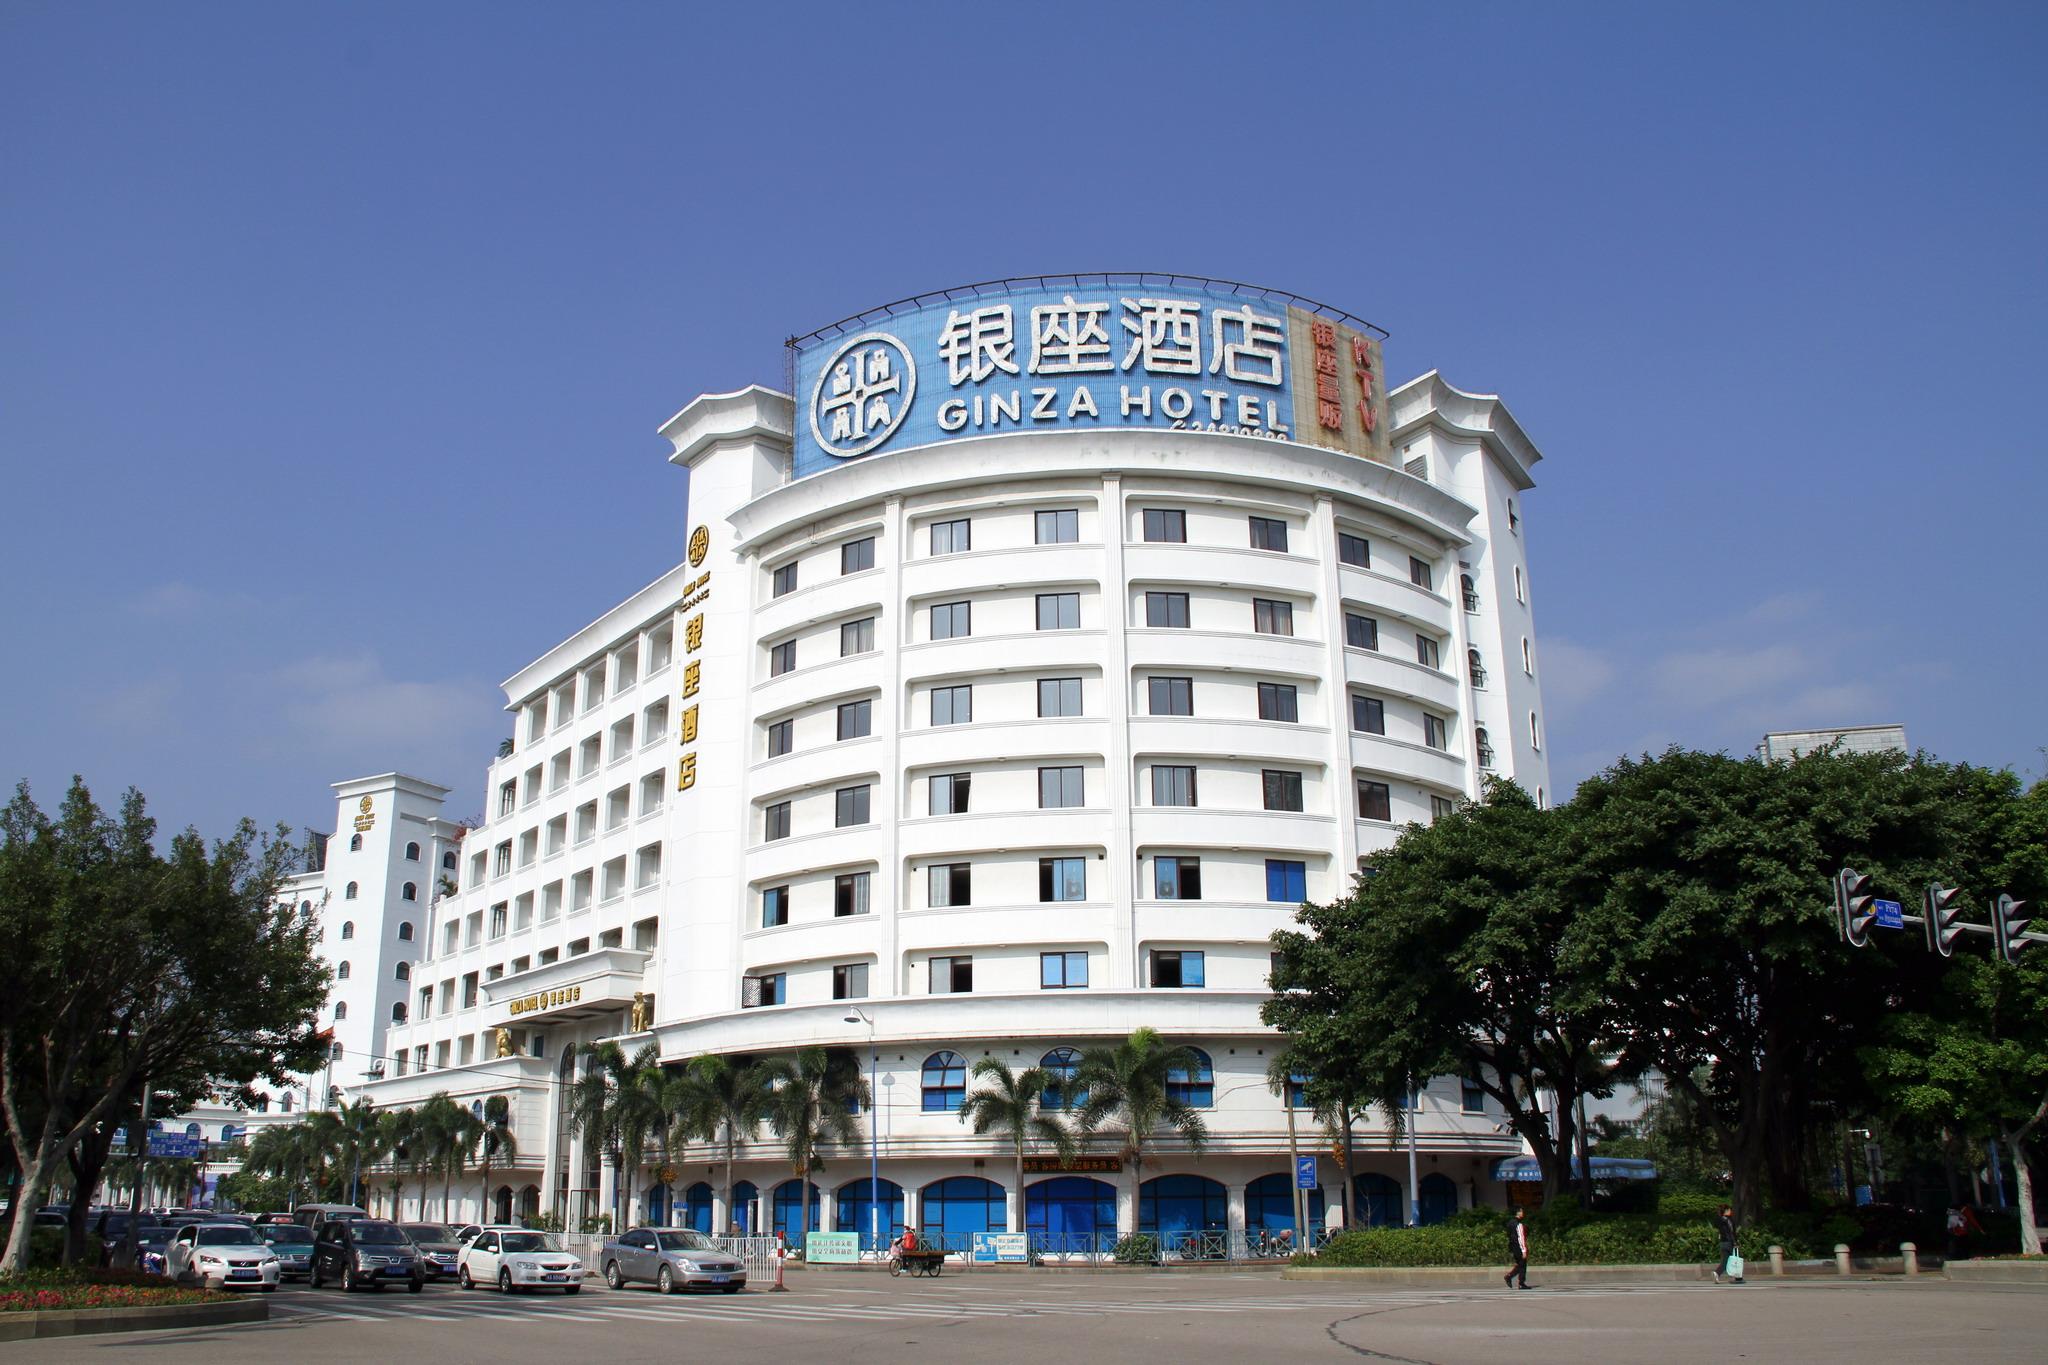 银座酒店(白天A).jpg